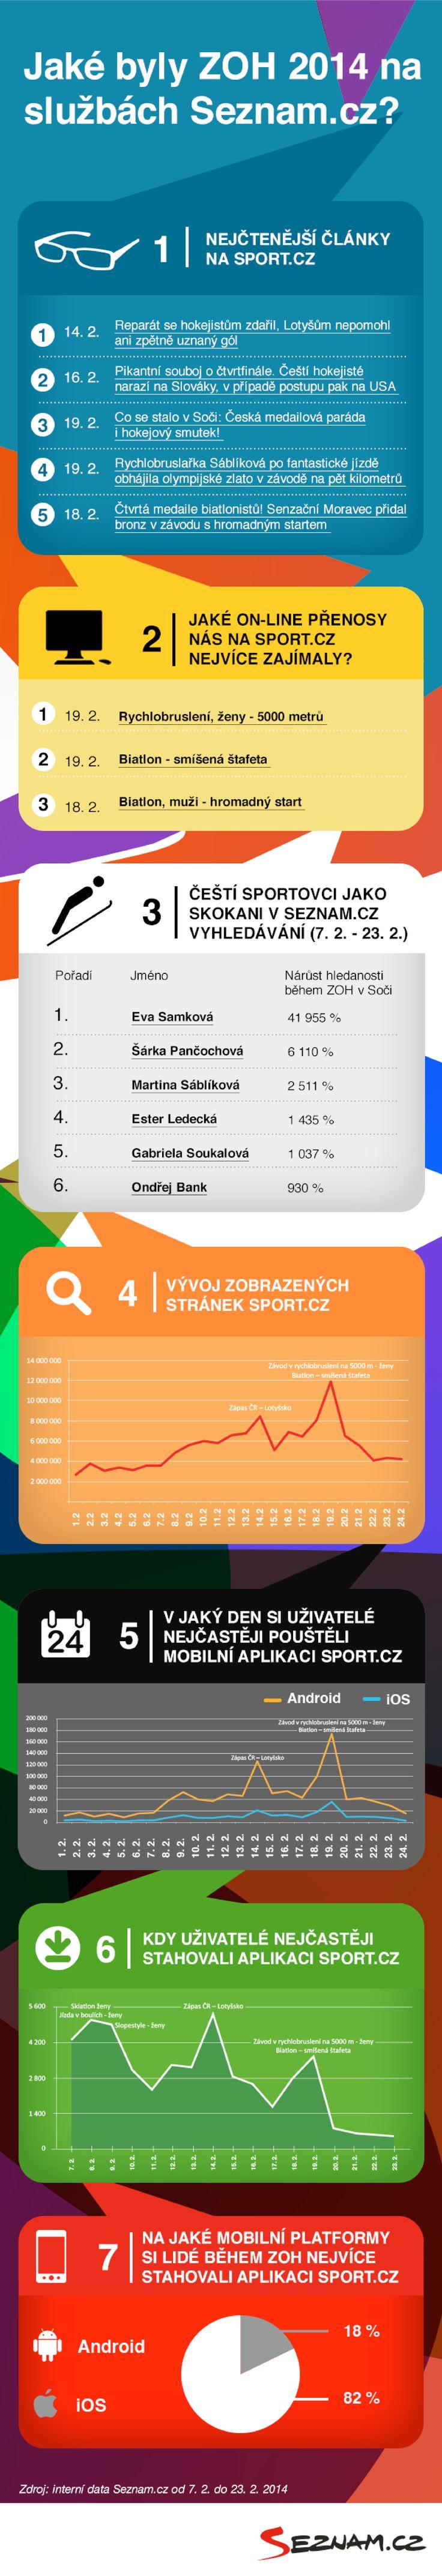 Jaké byly ZOH 2014 na službách Seznam.cz #infografika